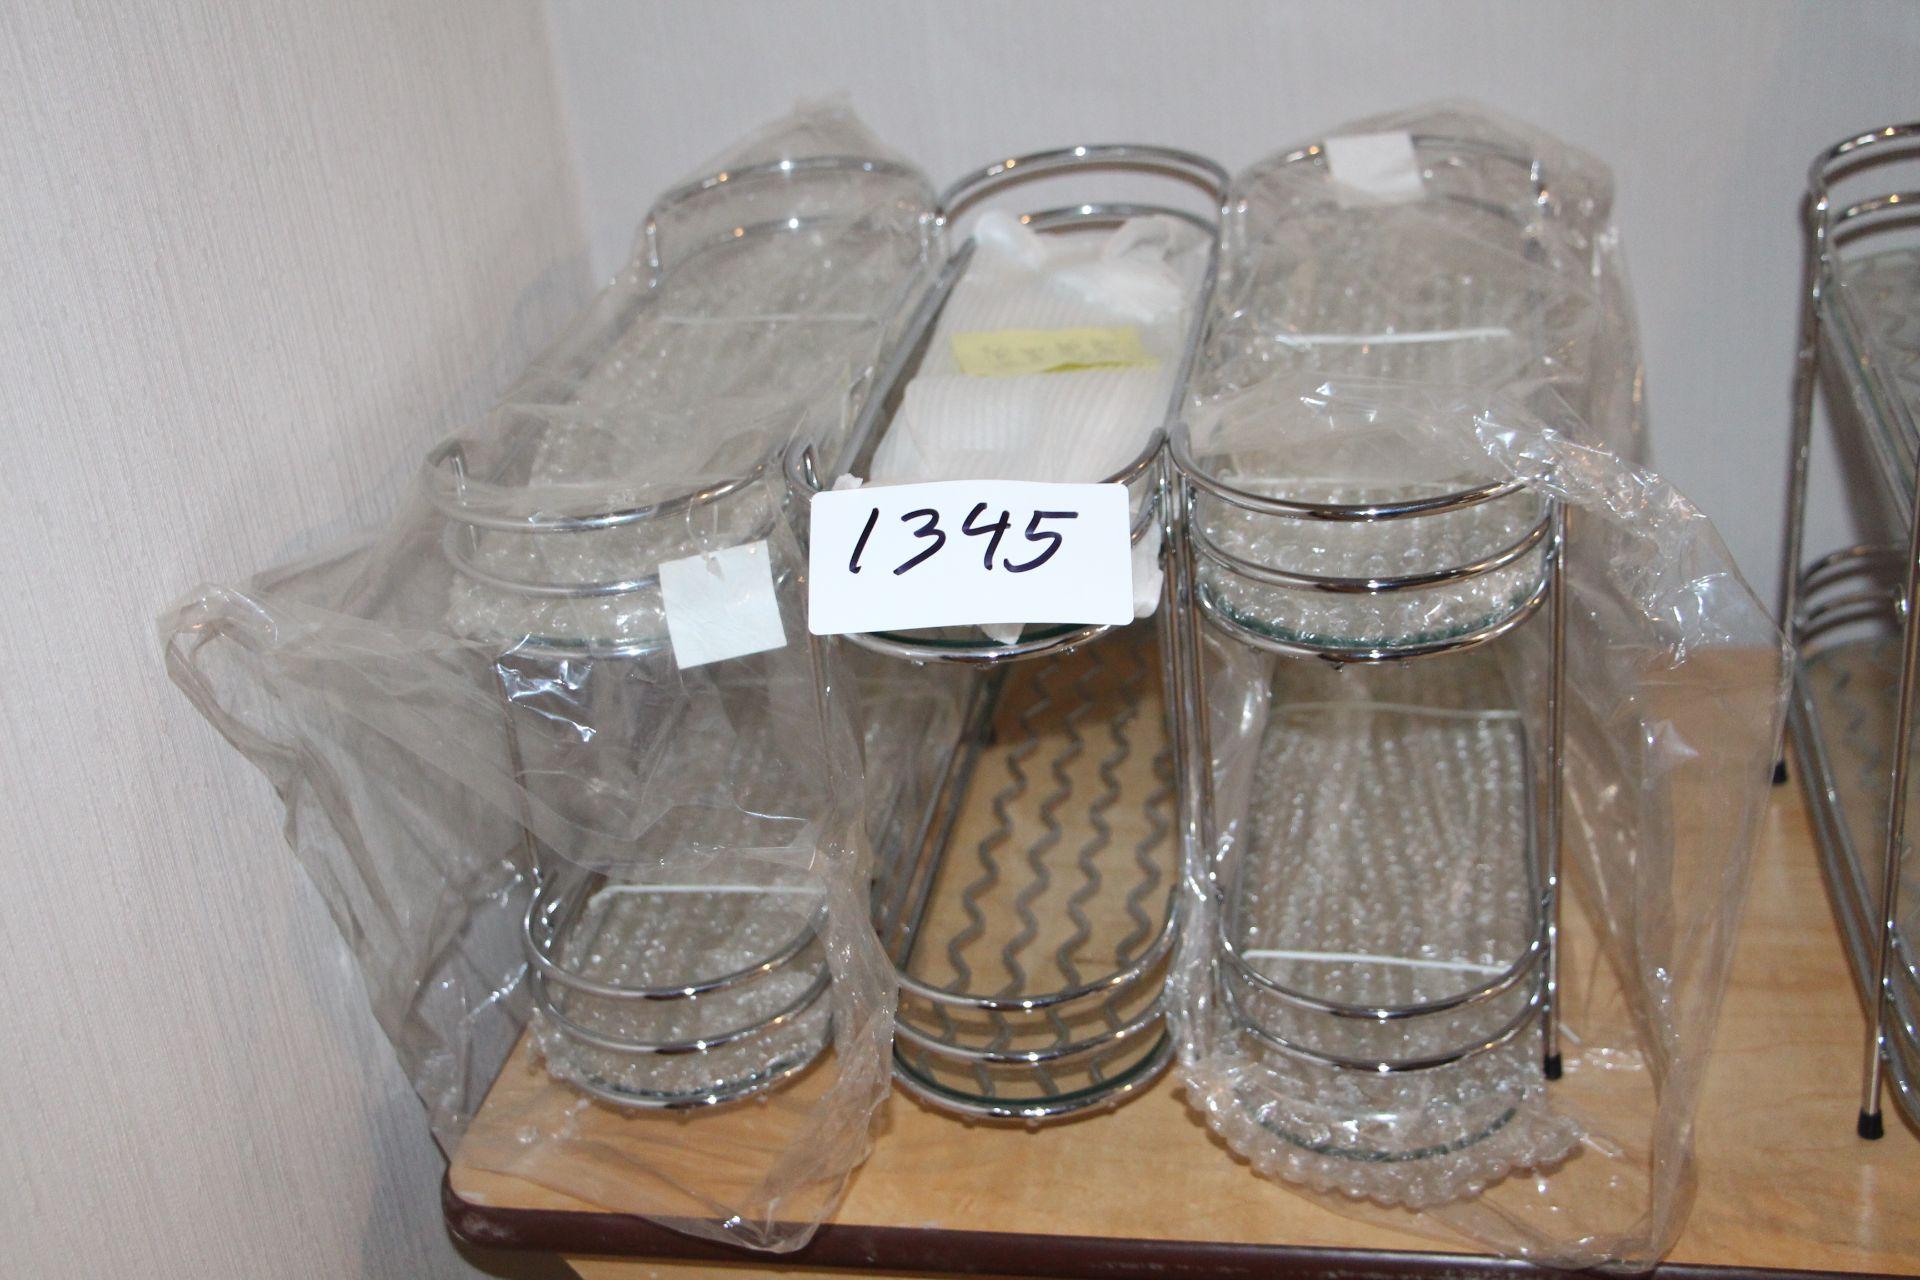 Lot 1345 - Lot 3 chrome racks